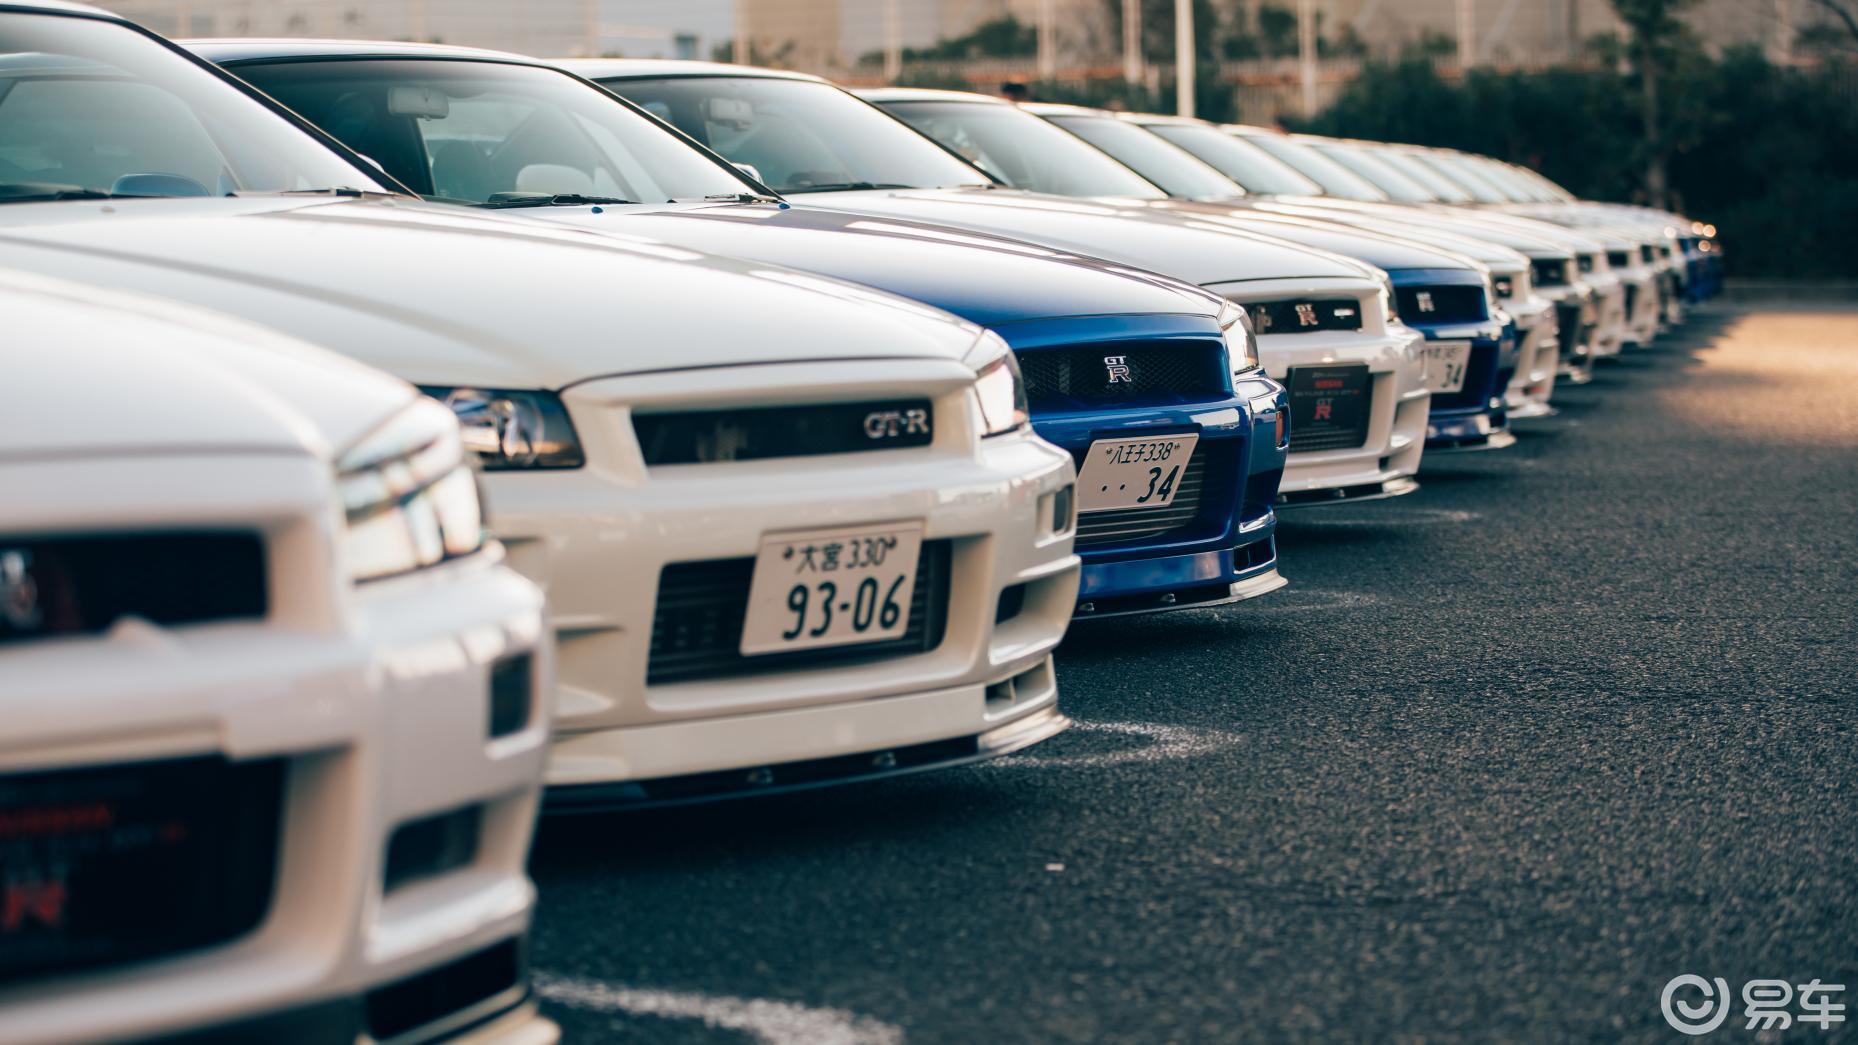 日本街头这些超跑,快闪瞎眼了!